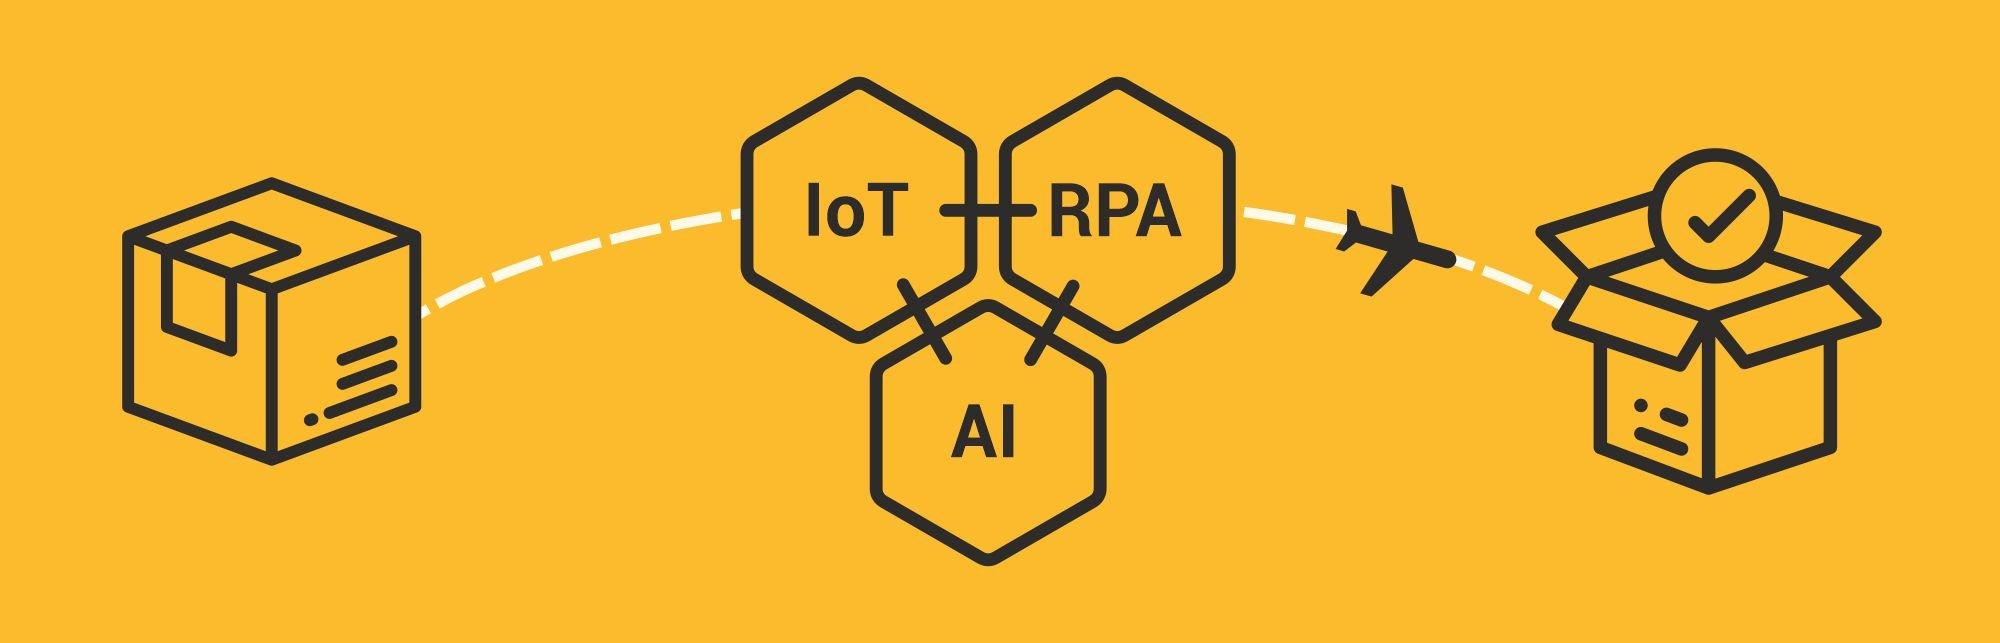 IOT+AI+RPA